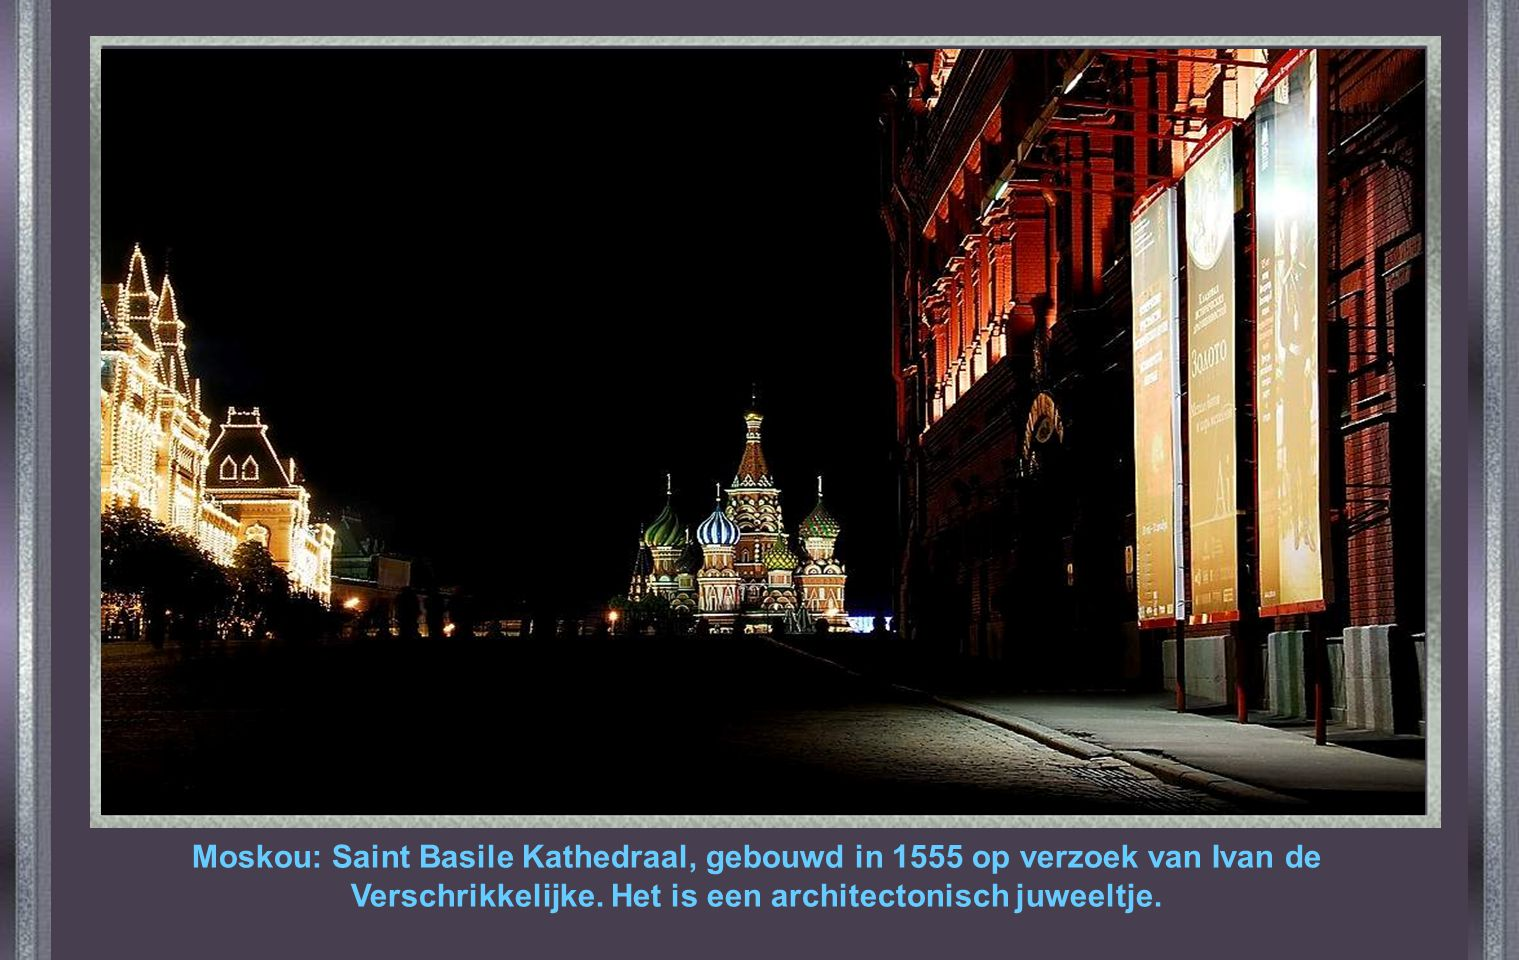 Moskou: Saint Basile Kathedraal, gebouwd in 1555 op verzoek van Ivan de Verschrikkelijke.